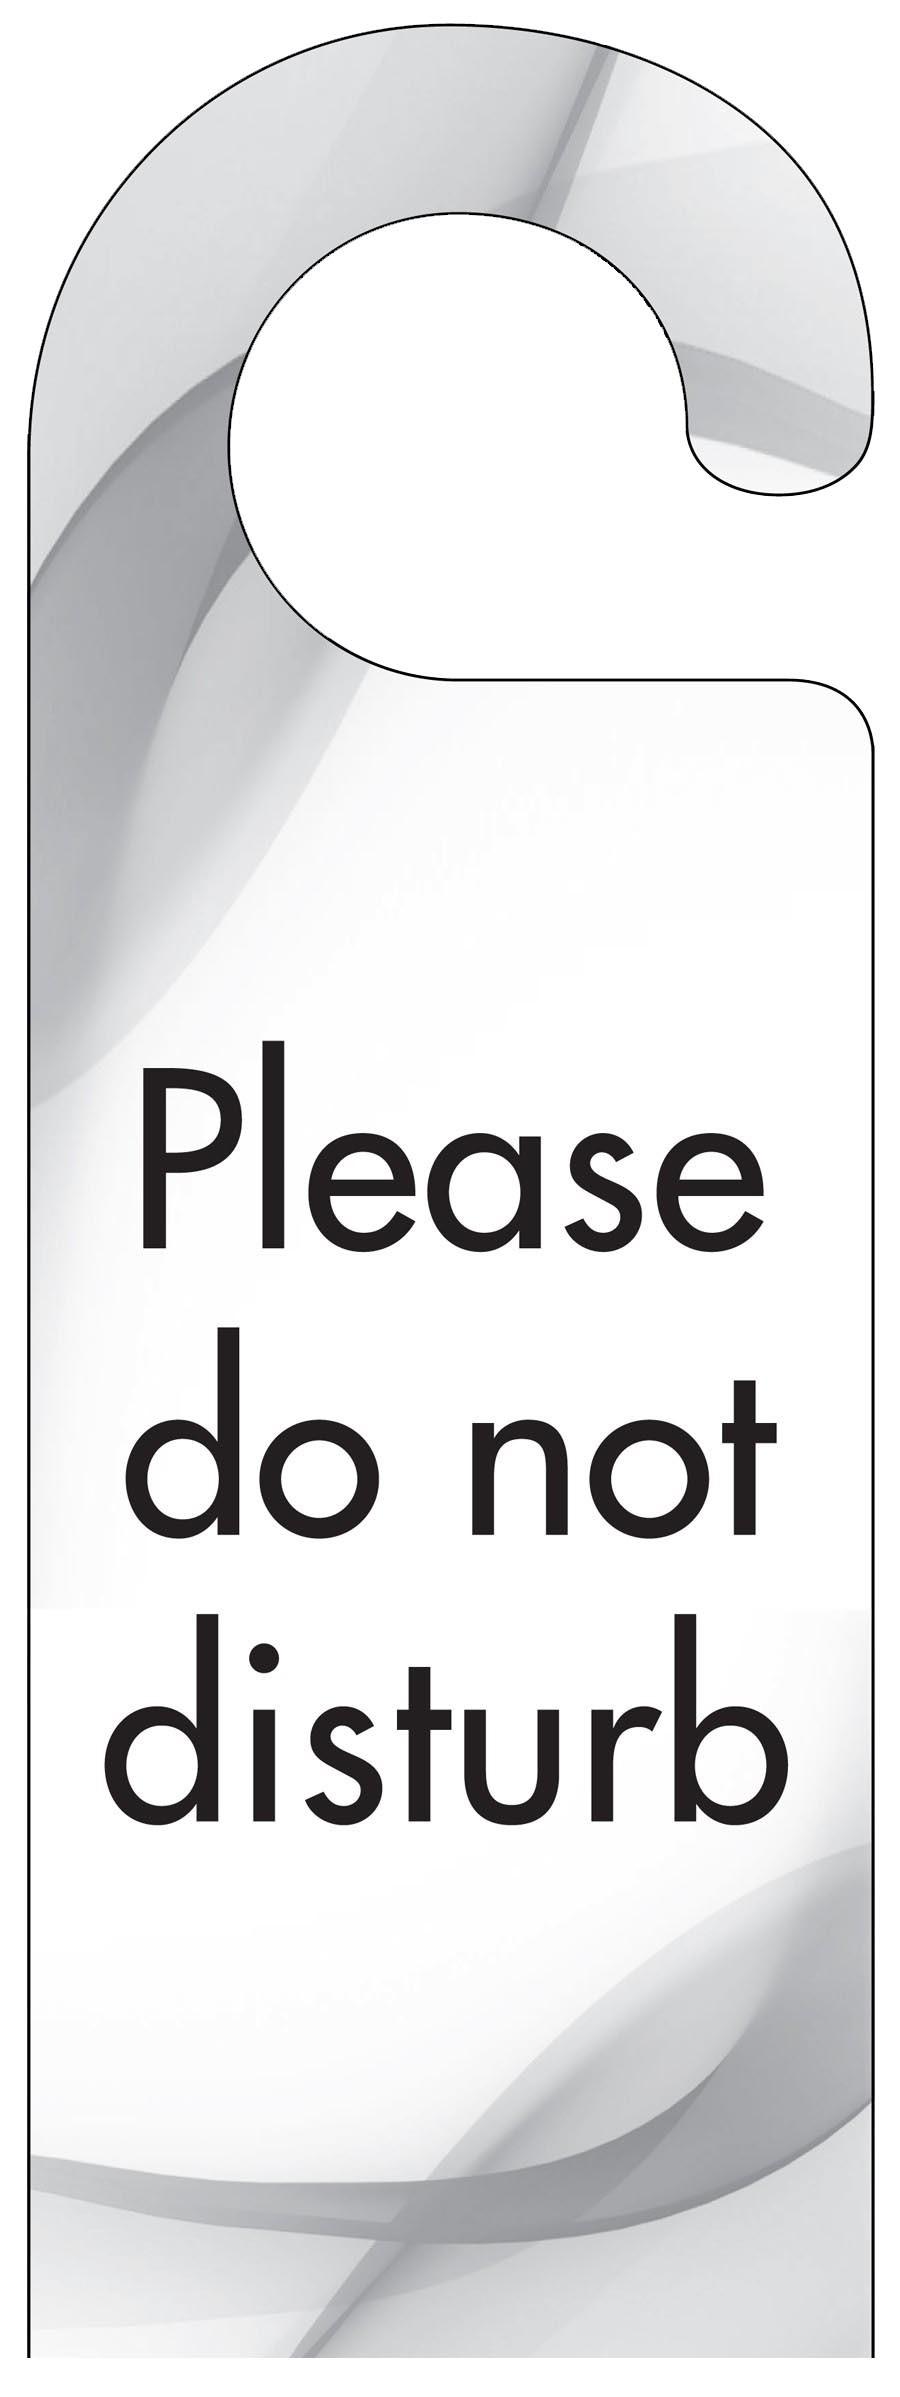 Do not disturb sign template incepimagine exco for Free do not disturb door hanger template